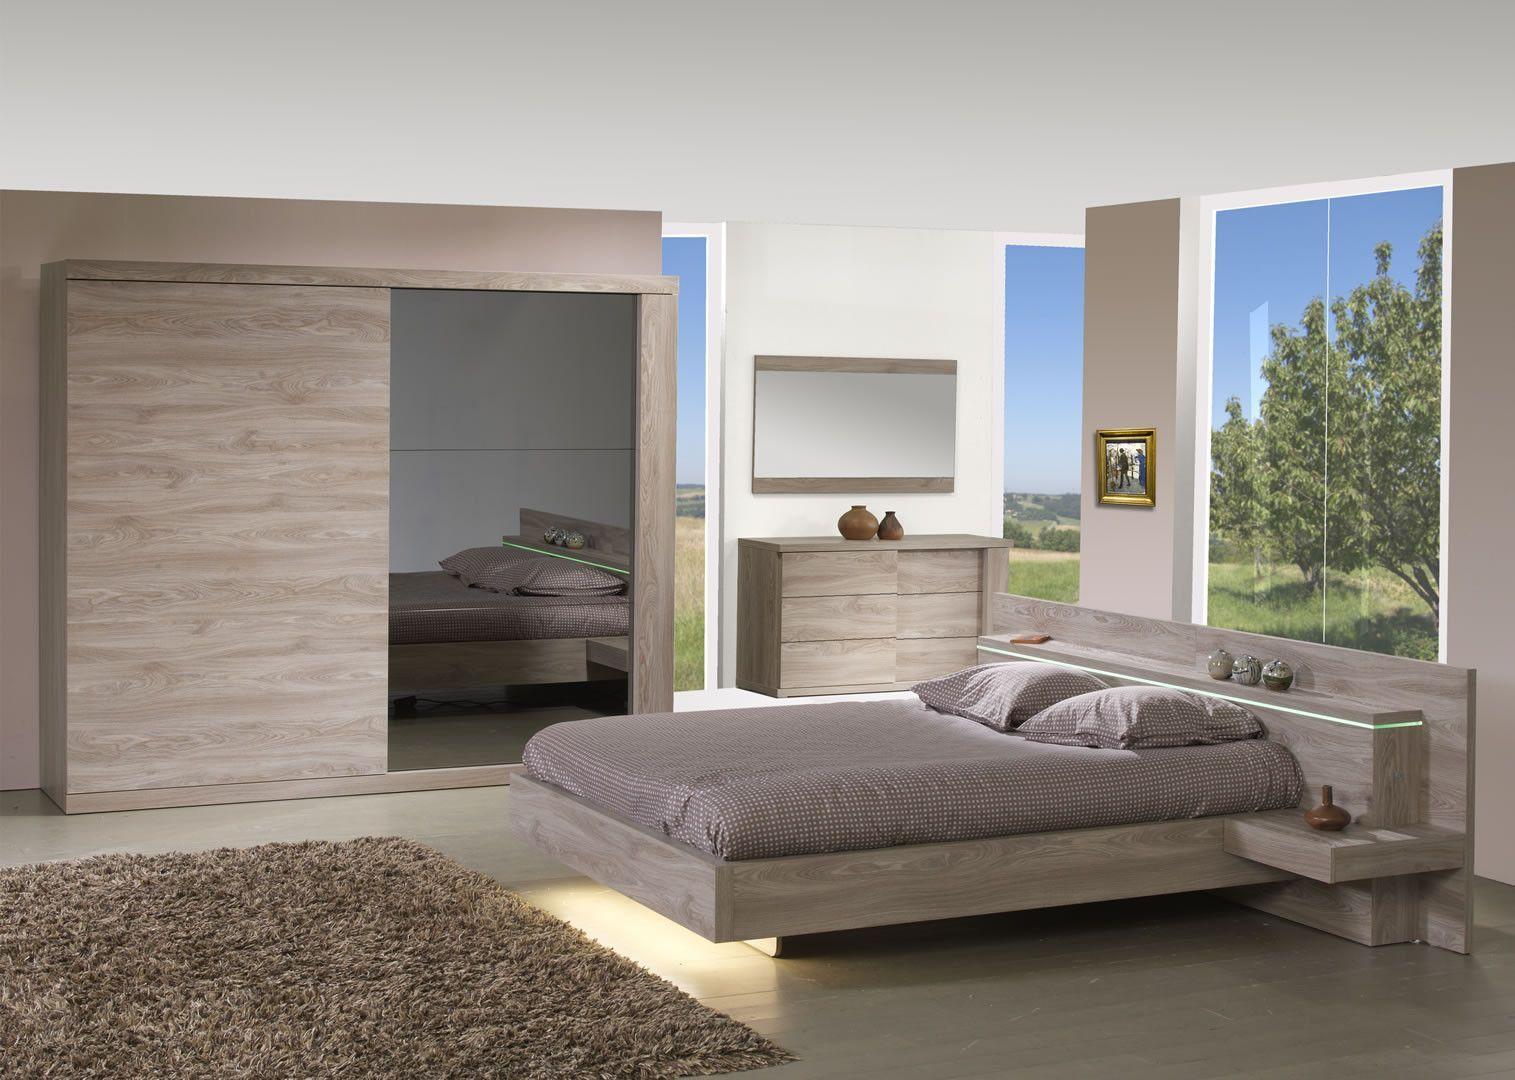 Chambres complète adulte - Chambre à coucher adulte lit avec ...